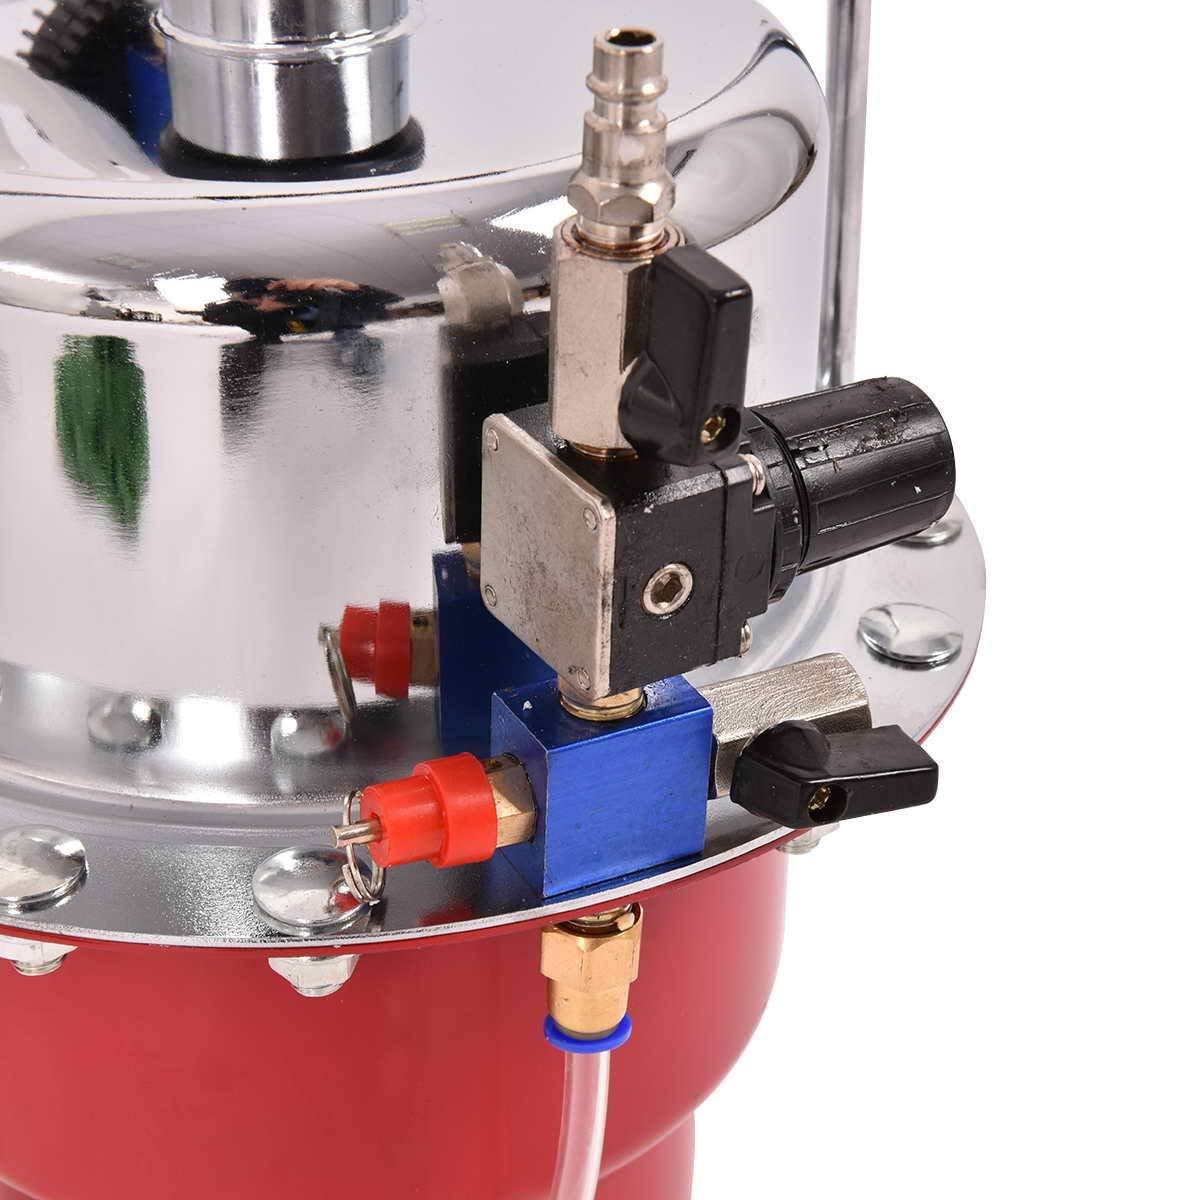 Goplus Pneumatic Air Pressure Brake Bleeding Kit Garage Workshop Mechanics Brake Oil and Fluid Extractor Bleeder Tool w/Case (Red) by Goplus (Image #6)